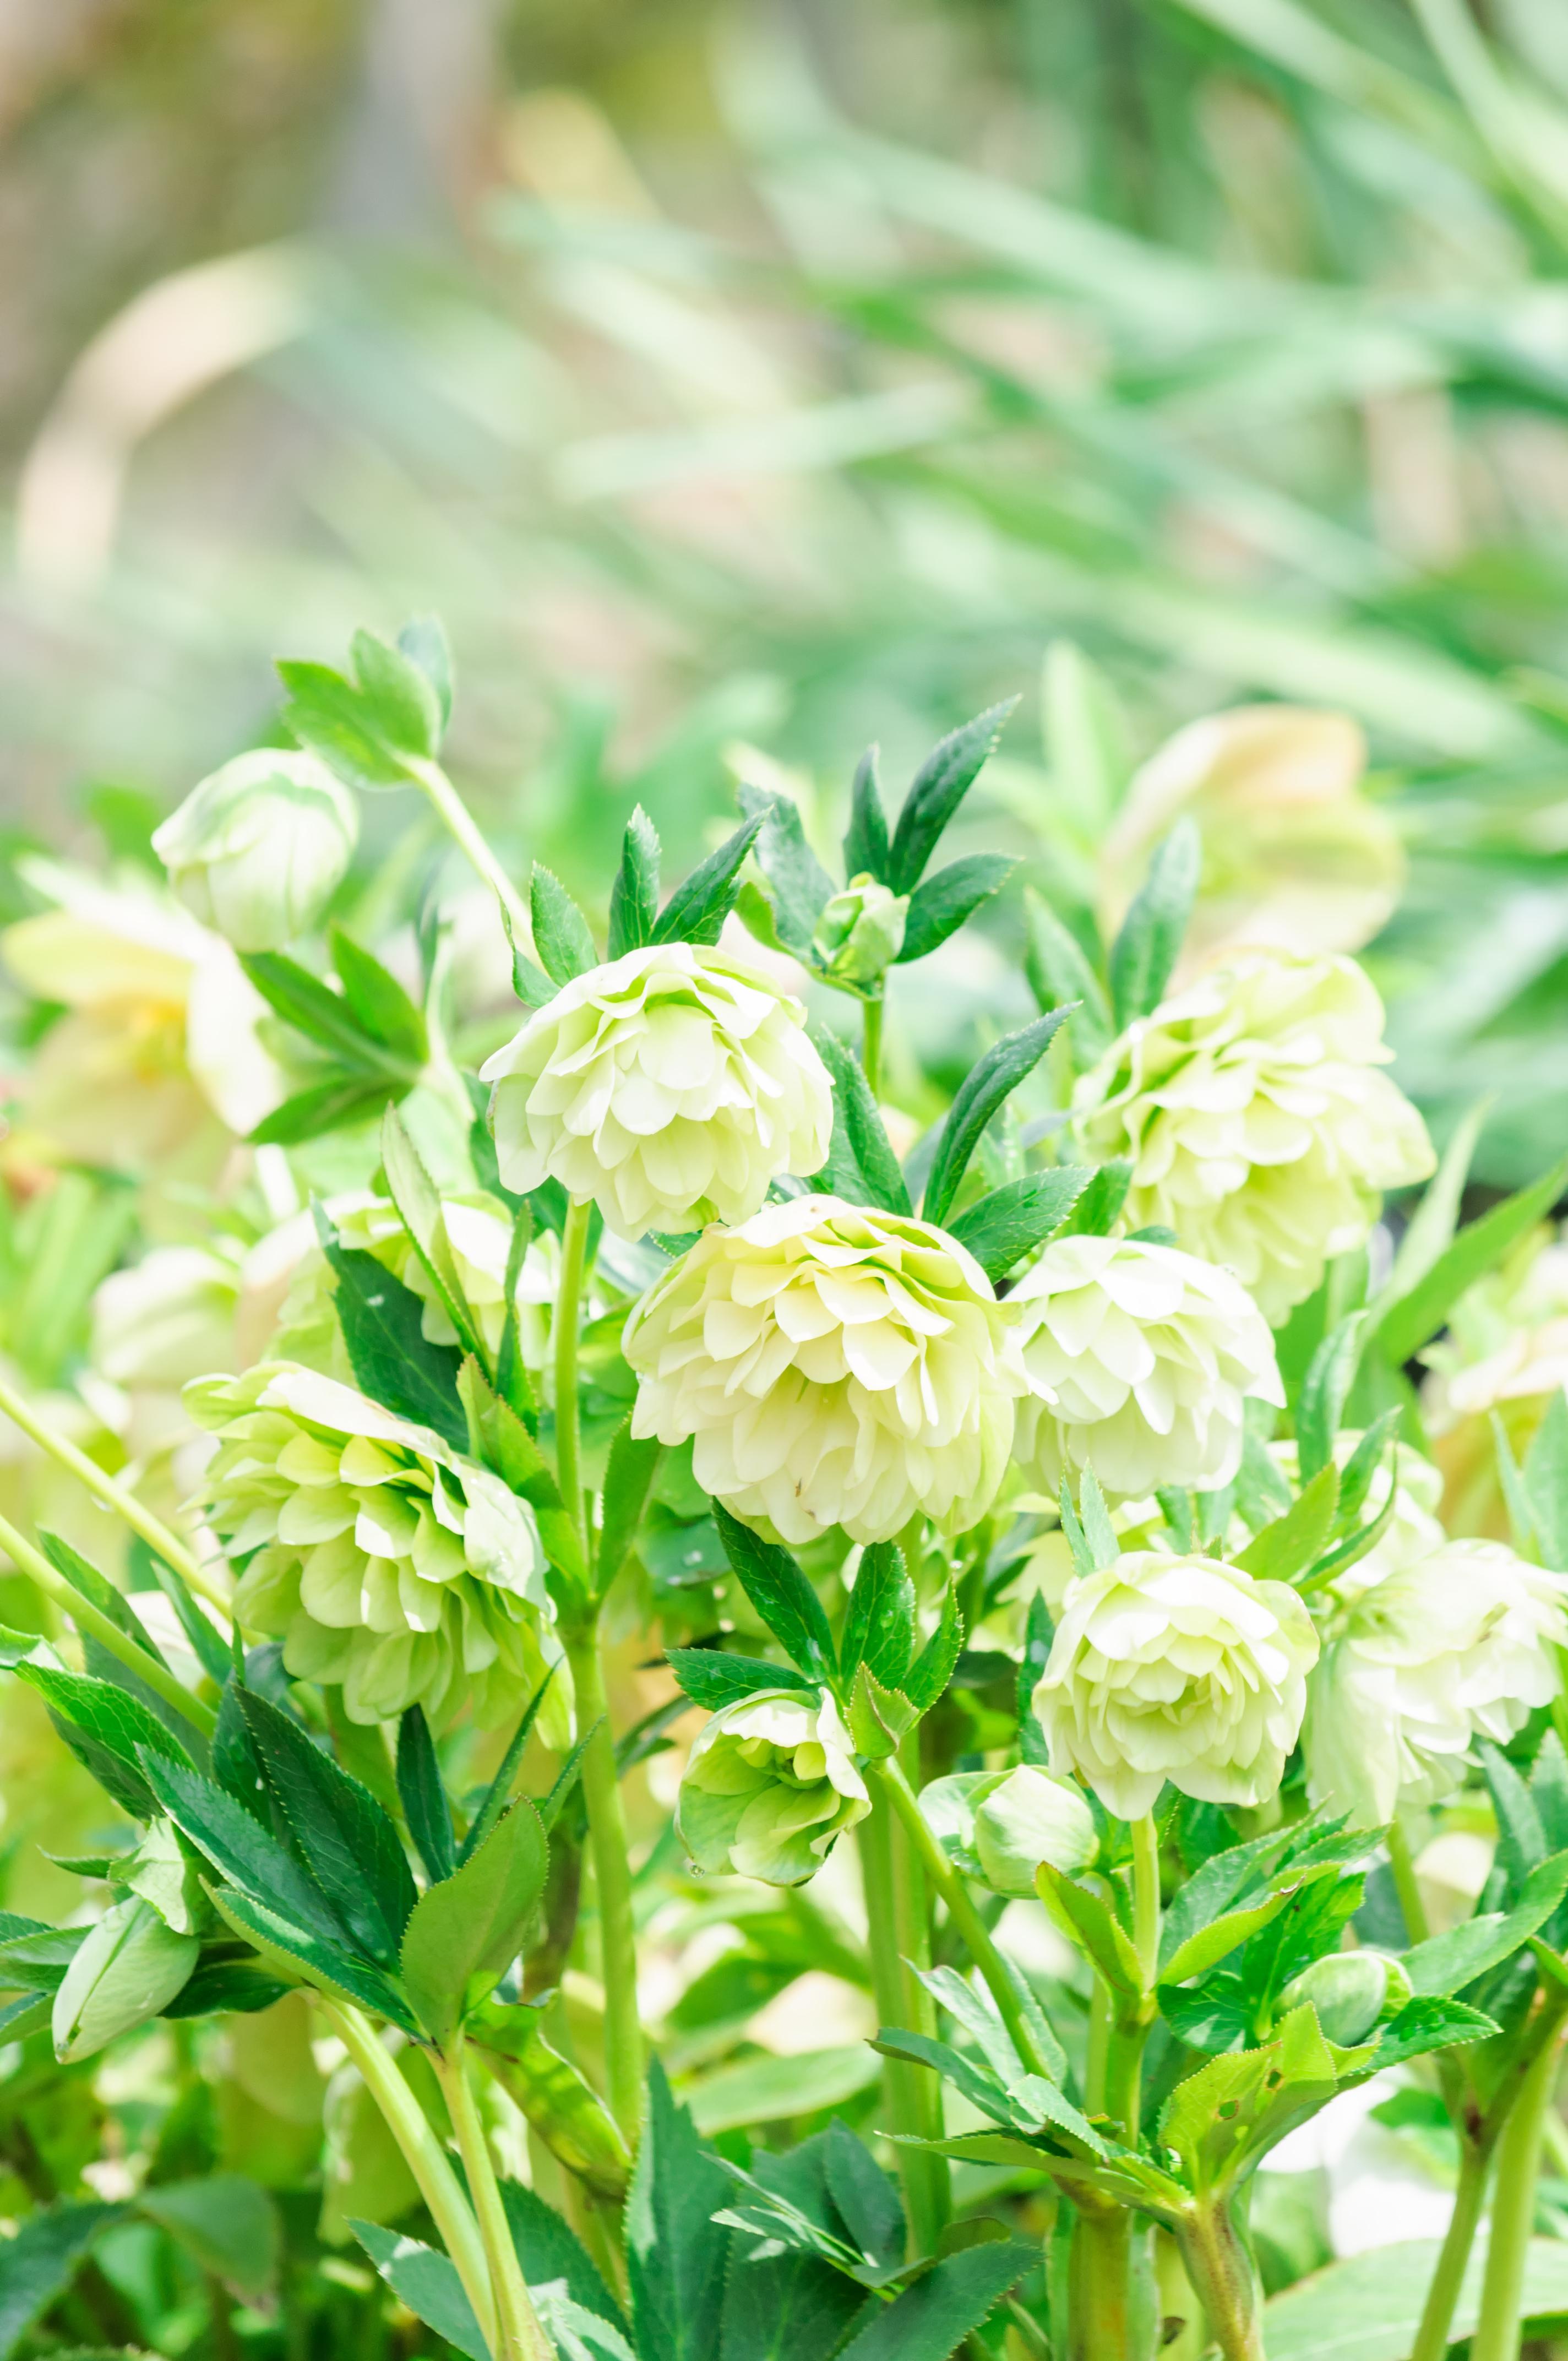 75636 скачать обои Цветы, Белый, Зеленый, Цветение, Растения - заставки и картинки бесплатно